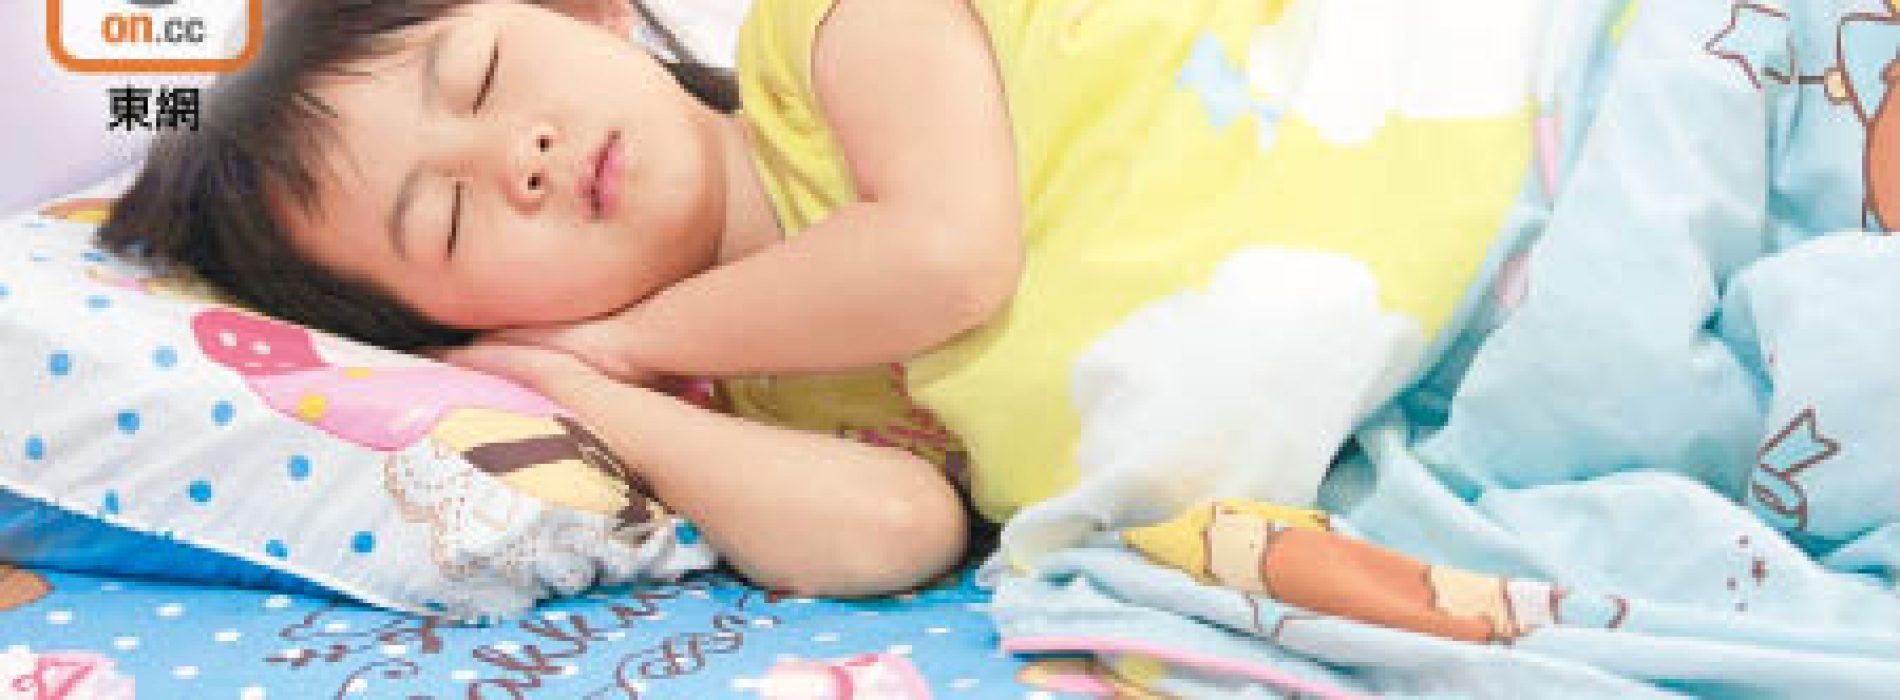 兒童睡得少 會多吃易胖